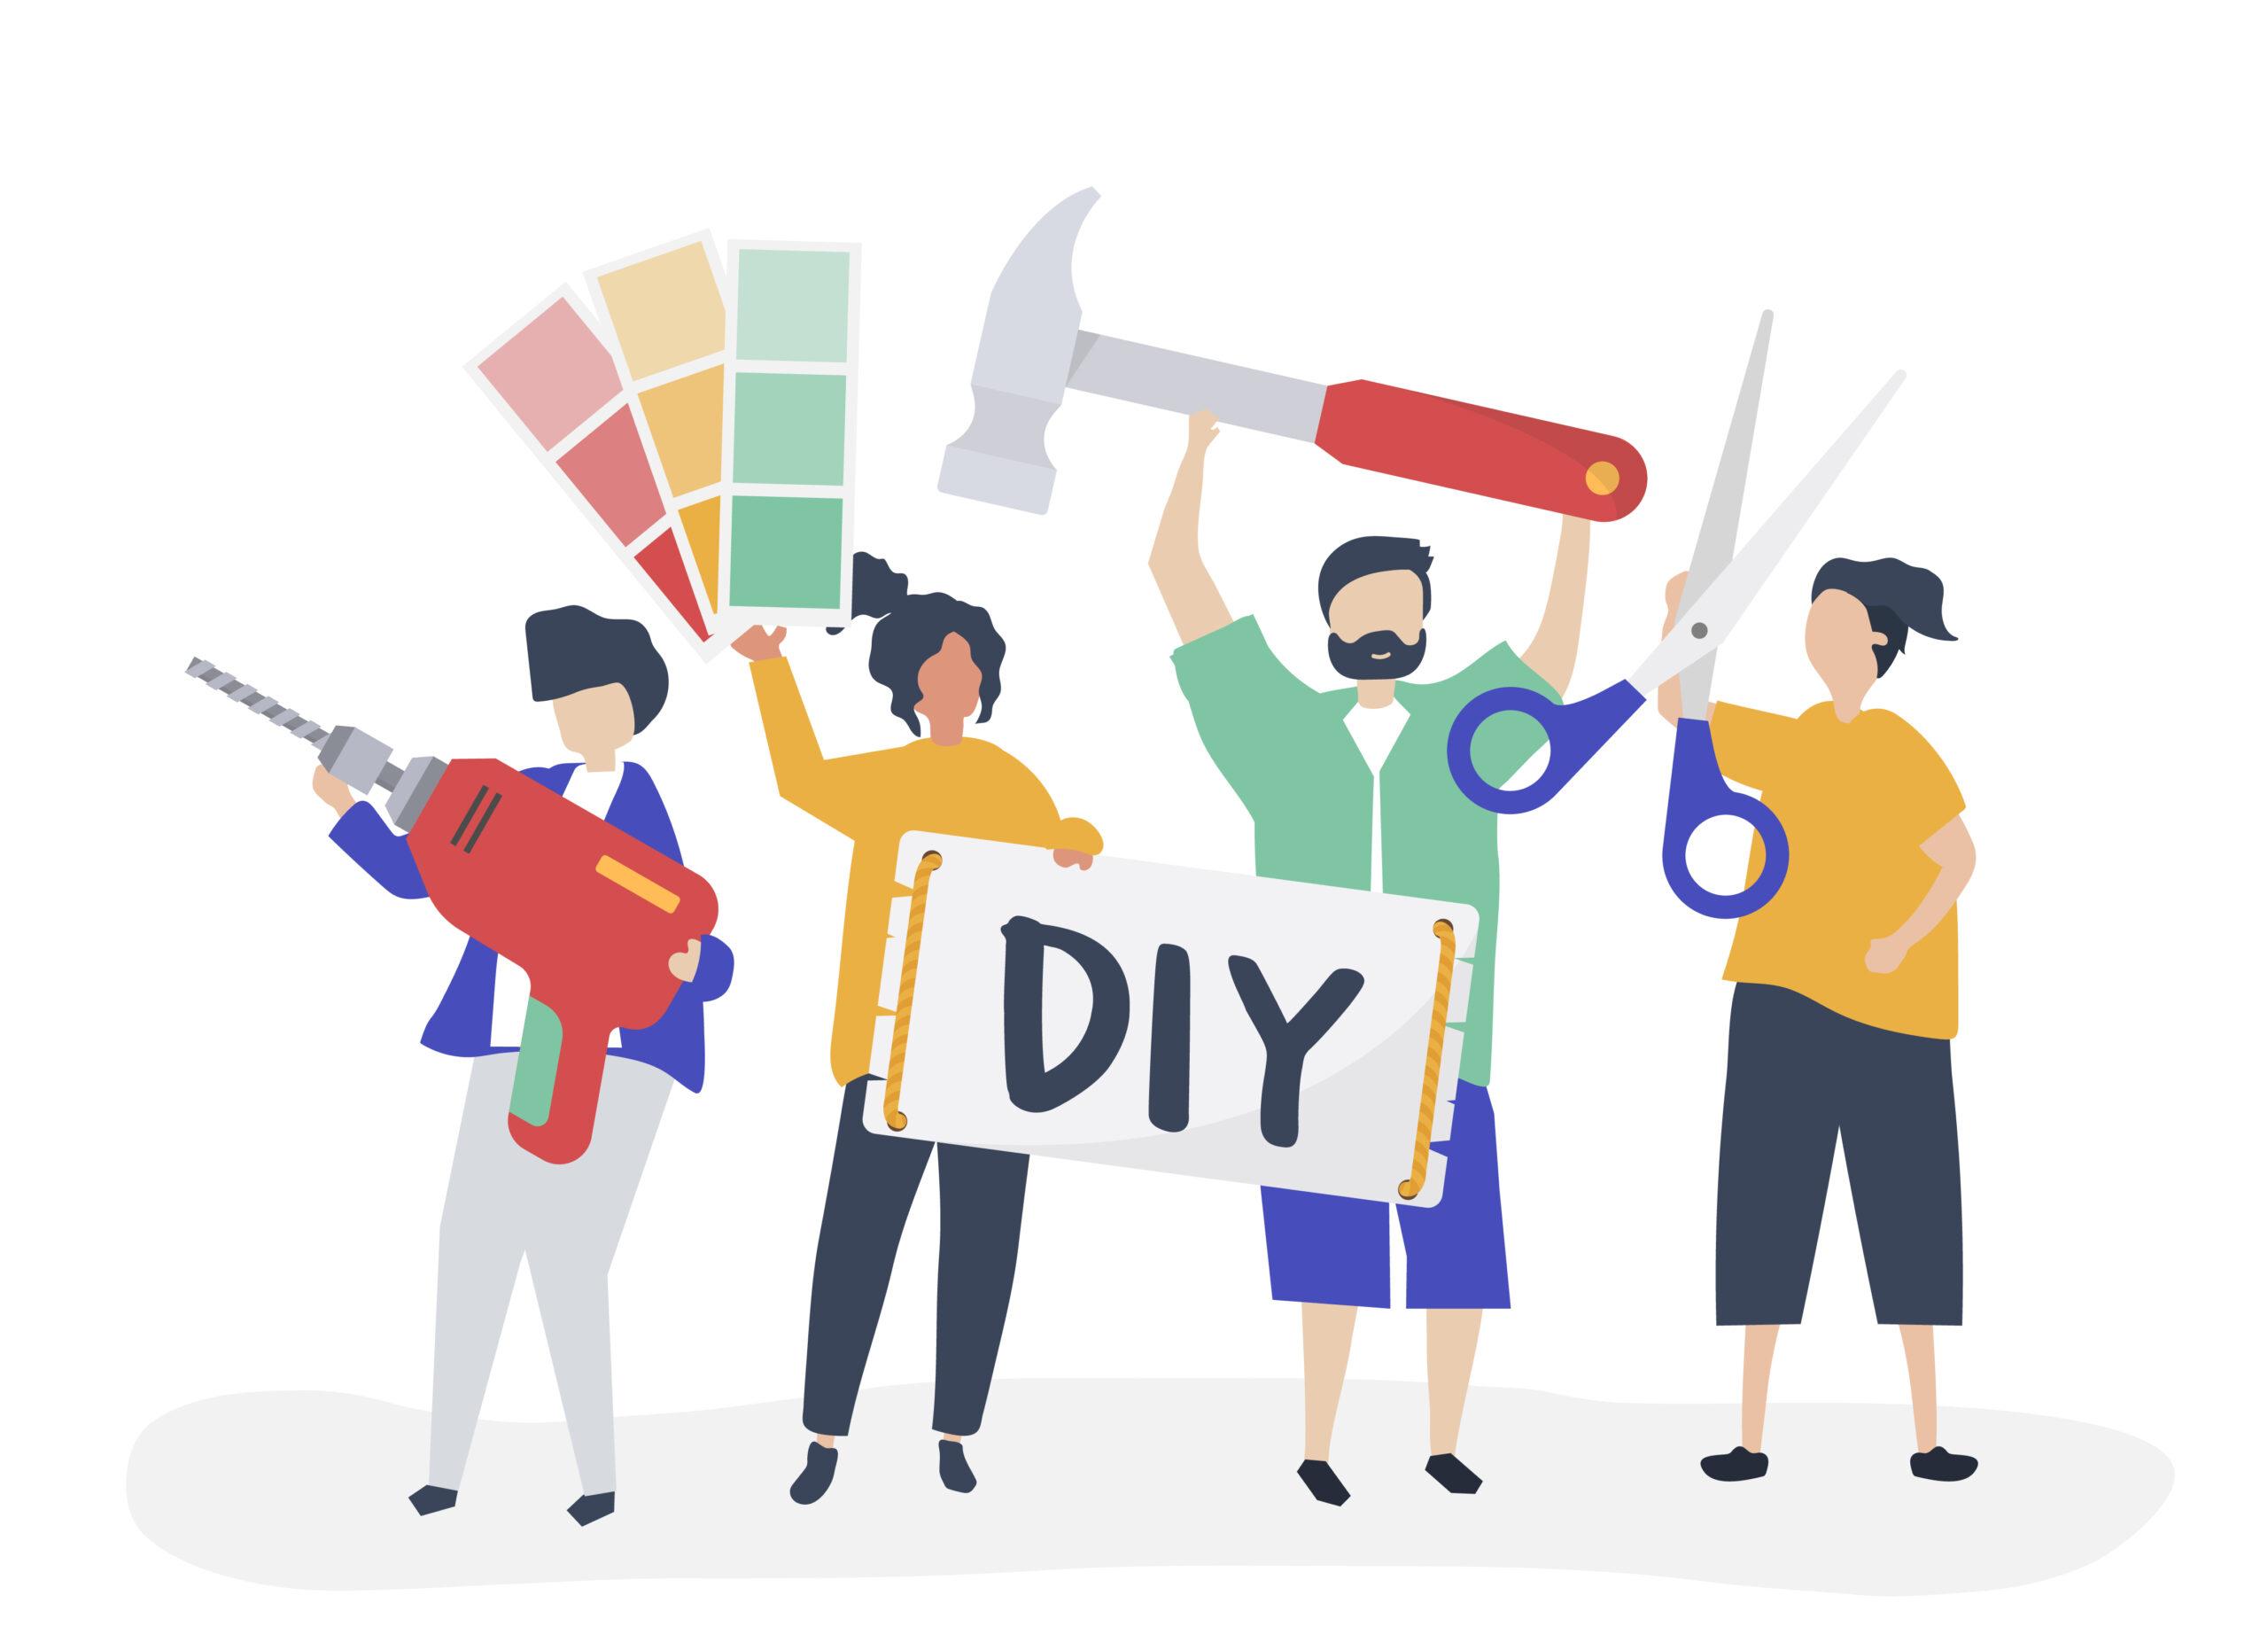 【和歌山市】タイル外壁の塗装をしたい!注意点やメンテナンス方法を教えて!|和歌山市リフォームと屋根外壁塗装専門店 屋根塗装外壁塗装コラム